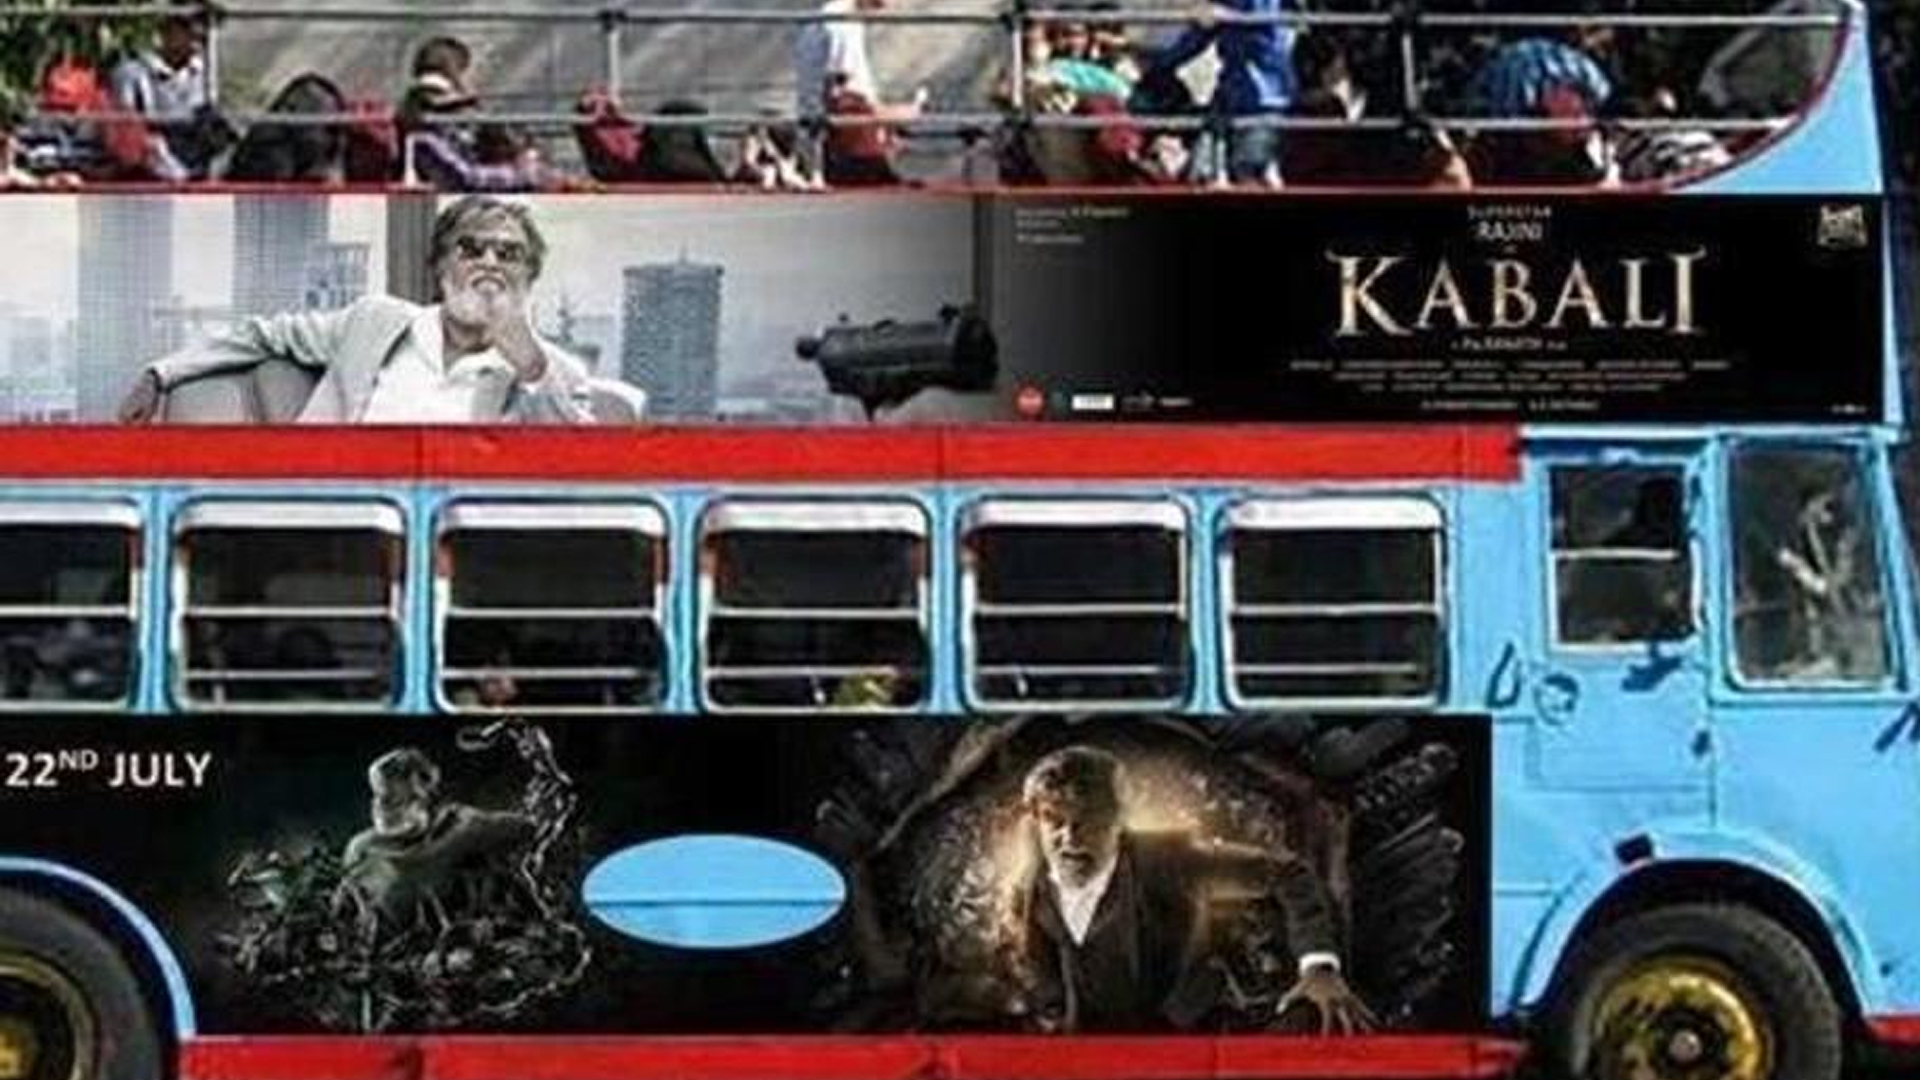 Open Deck Buses Delhi